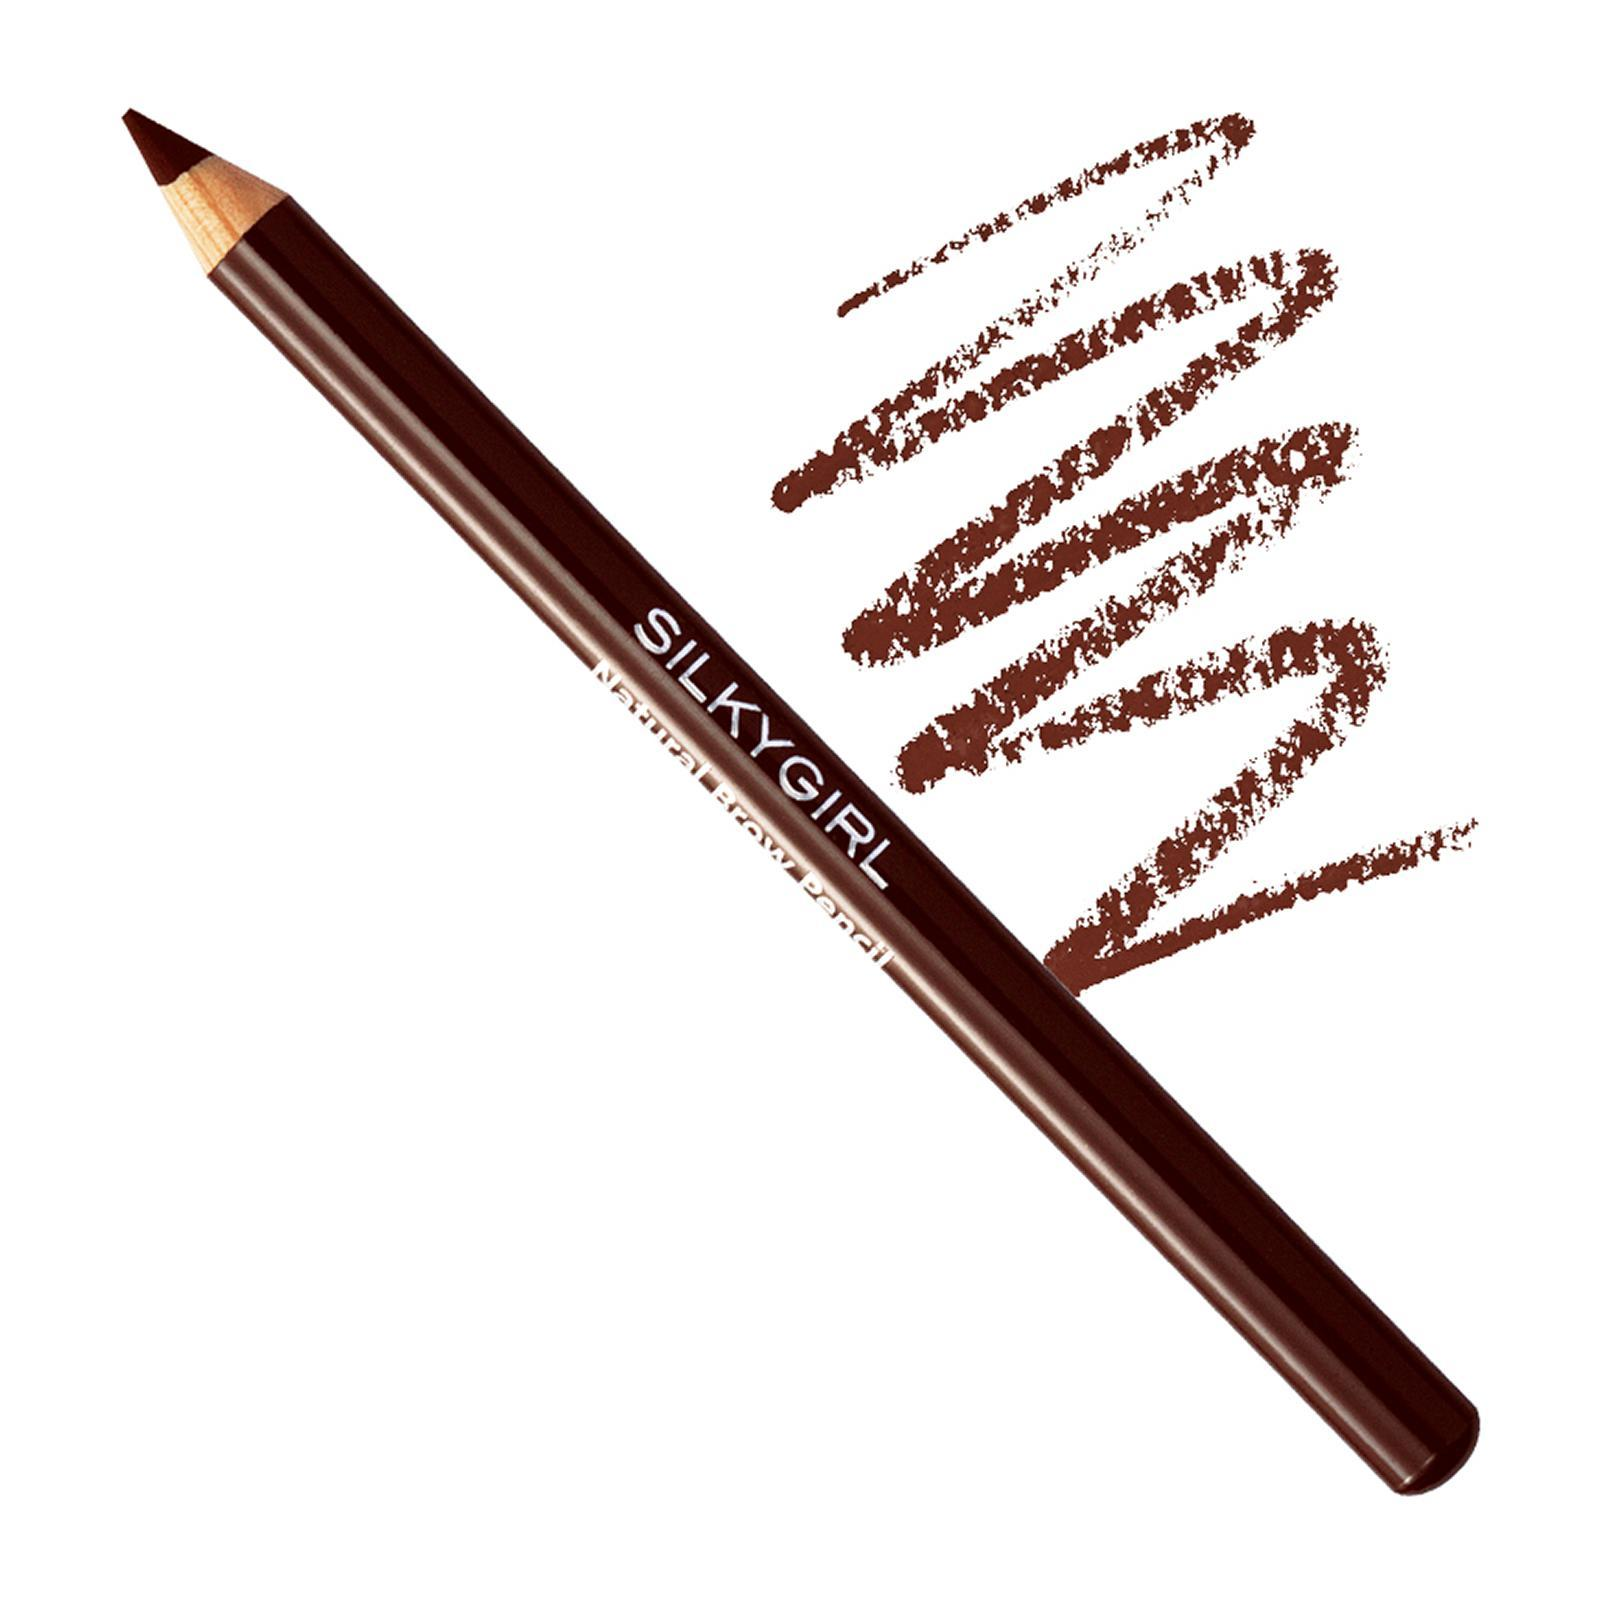 SilkyGirl Natural Brow Pencil 02 Dark Brown